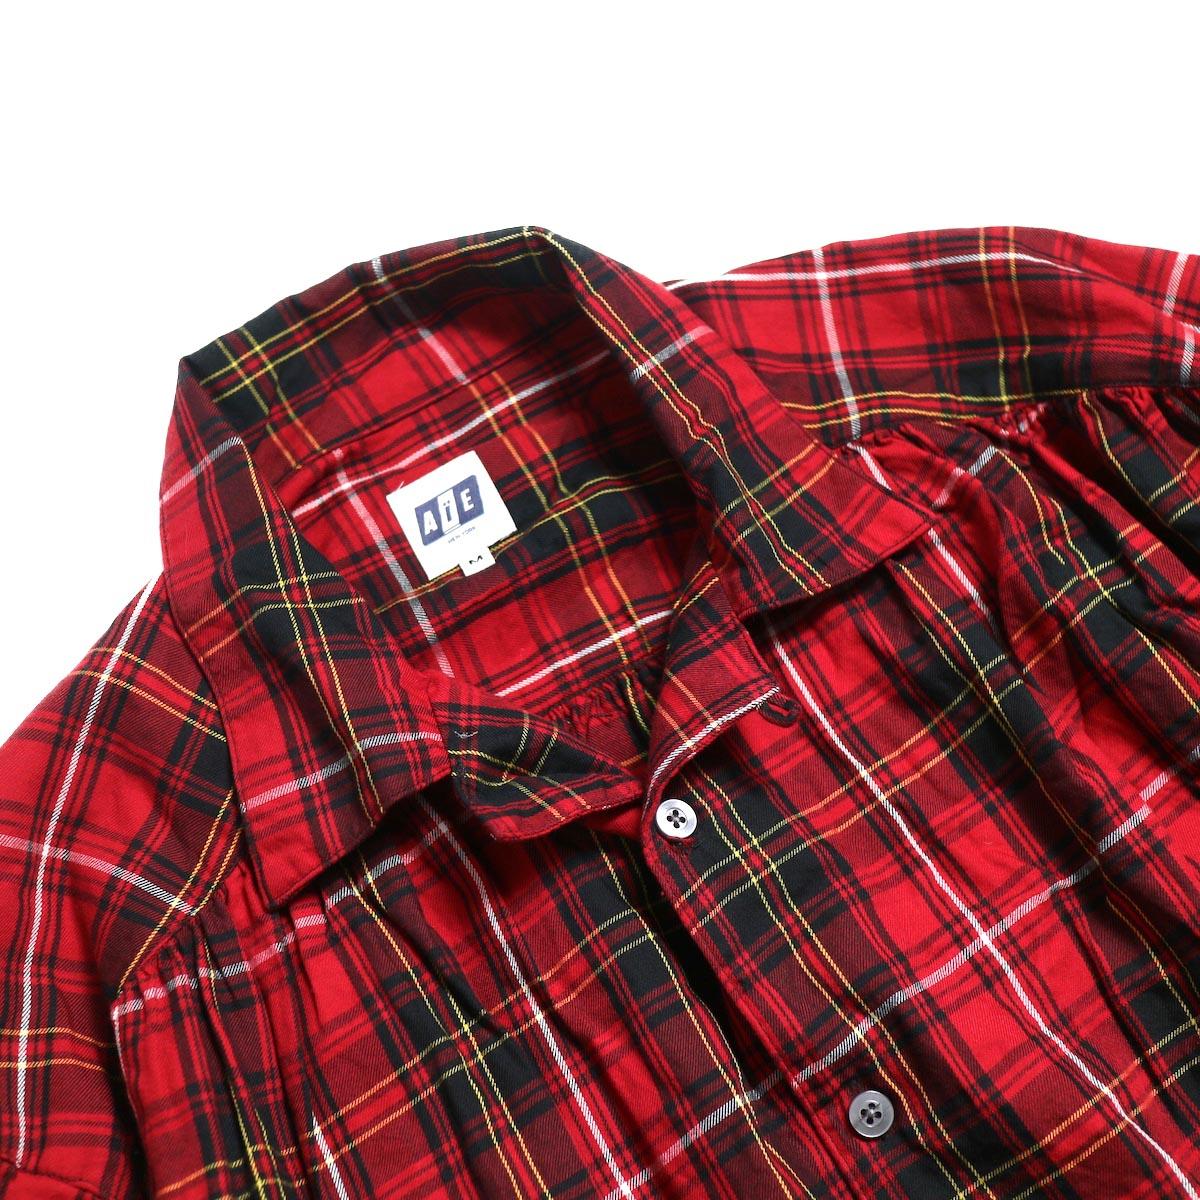 AiE / Painter Shirt -Cotton Tartan Check (Red) オープンカラー